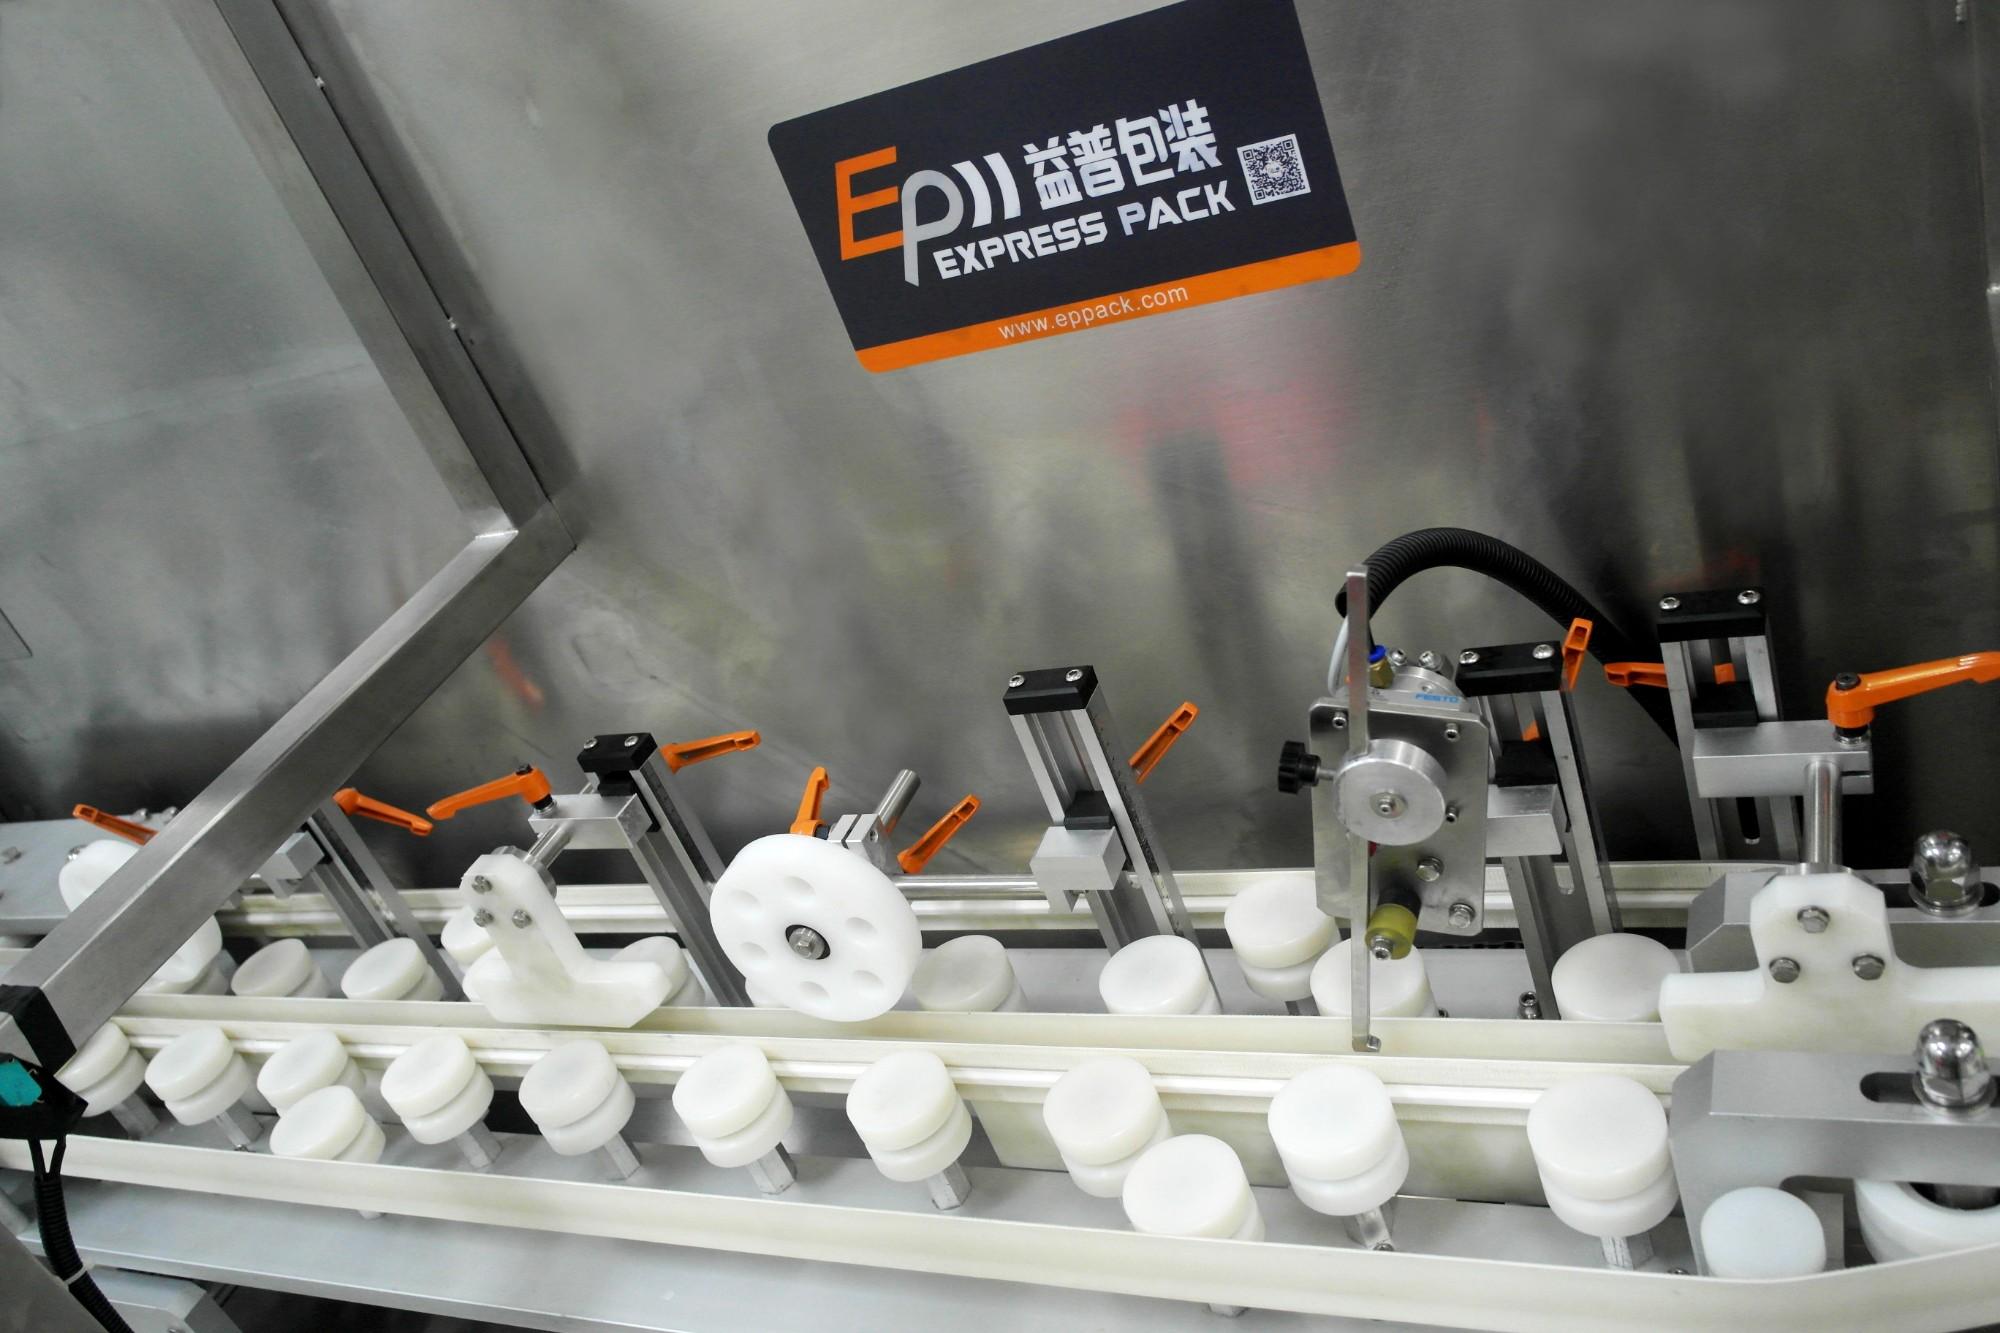 High Speed Bottle Unscrambler Manufacturers, High Speed Bottle Unscrambler Factory, Supply High Speed Bottle Unscrambler